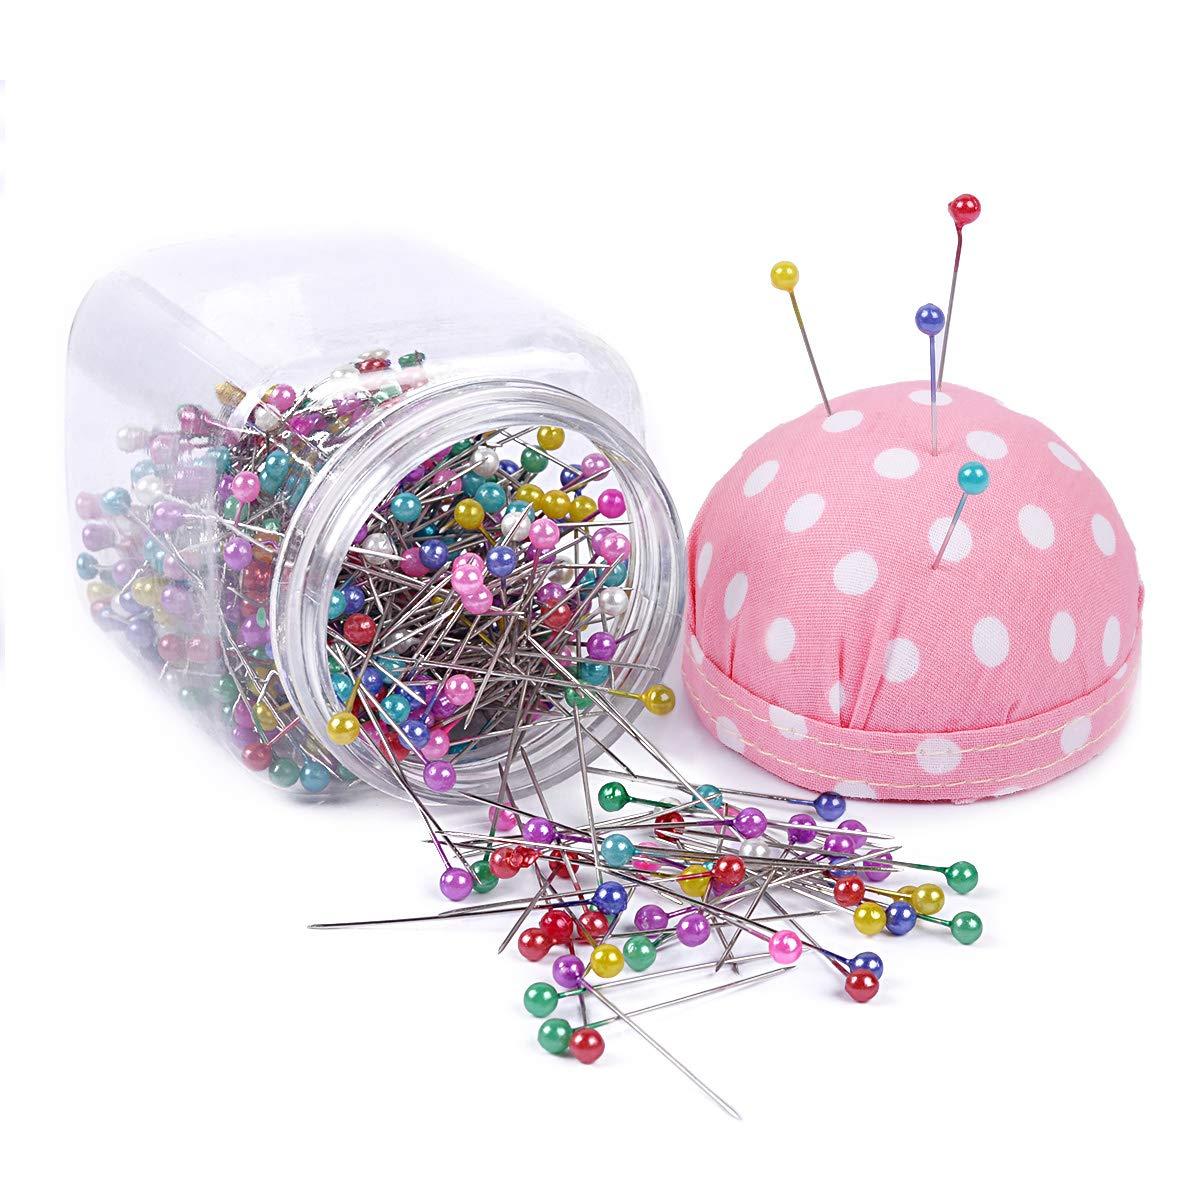 Polka Dots Yellow eZAKKA Pin Cushion Polka Pumpkin Wrist Pin Cushions Wearable Needle Pincushions